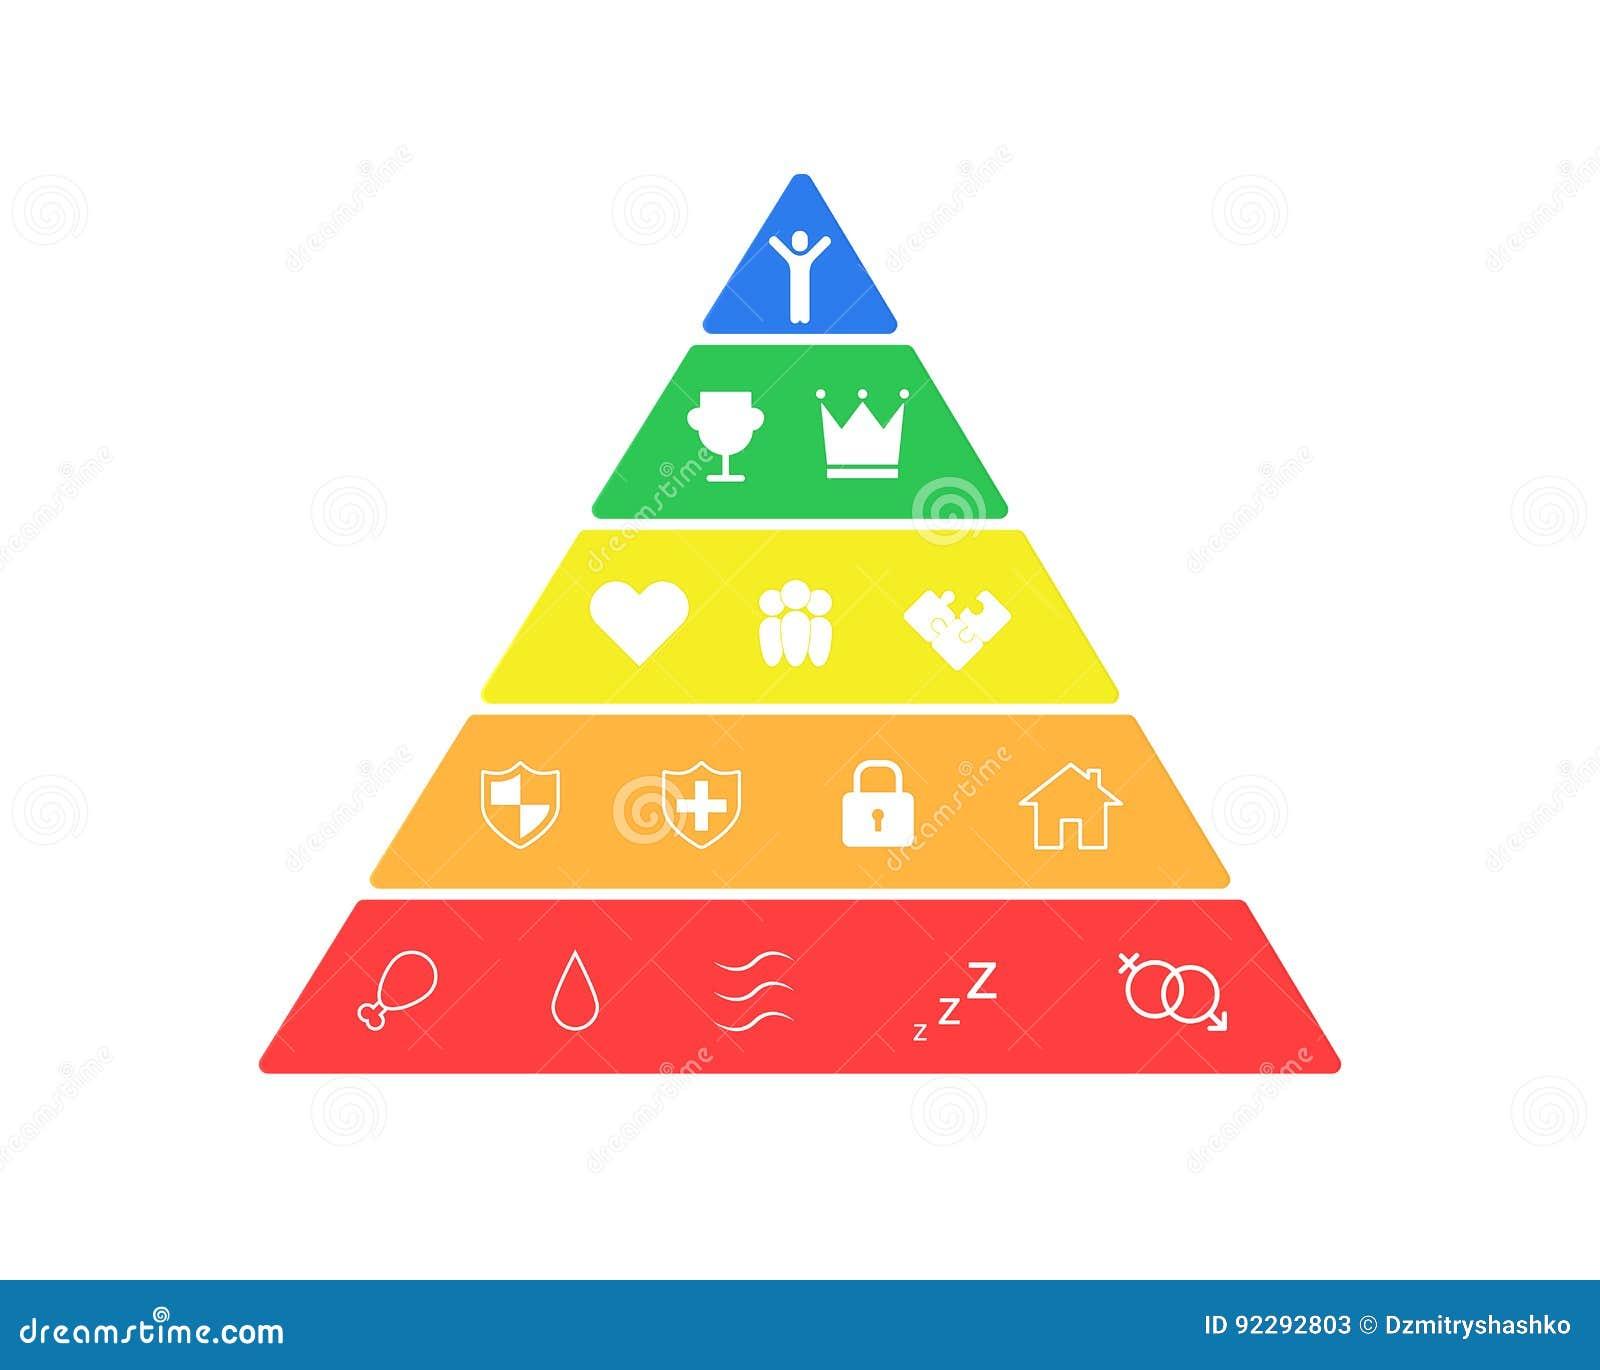 Hierarki av mänskliga behov